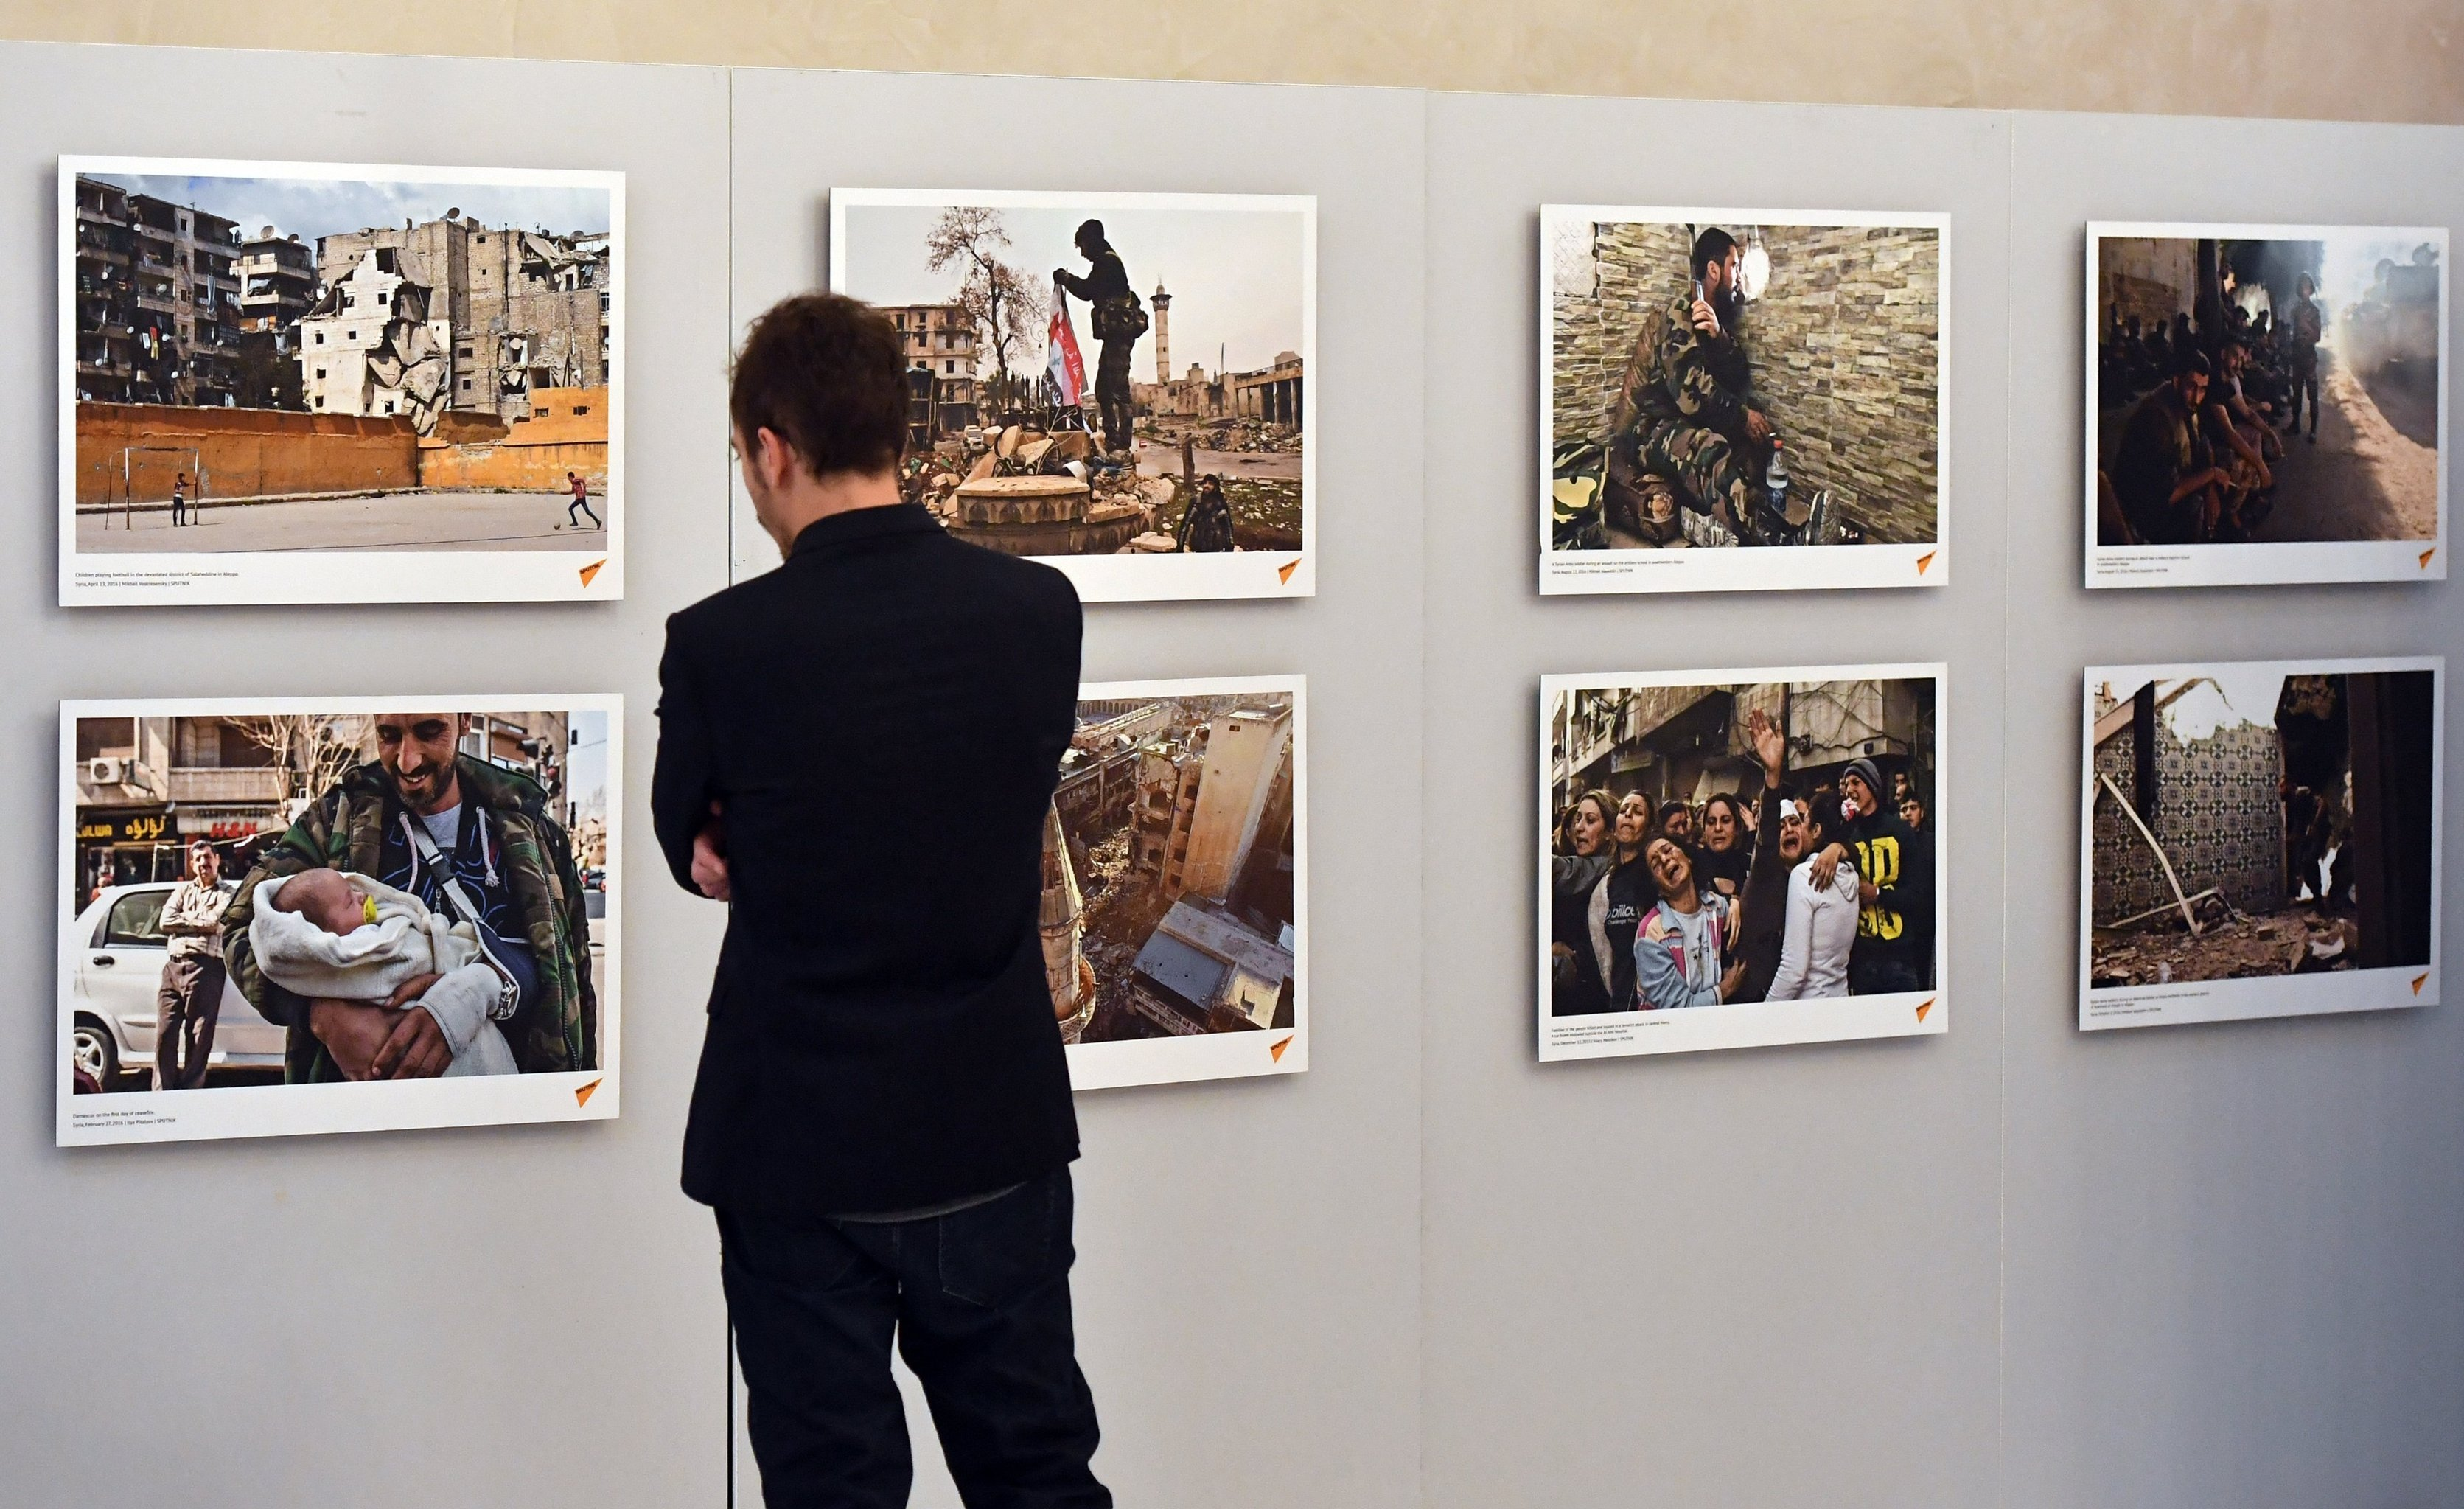 Exposición de fotos sobre Siria en Estrasburgo